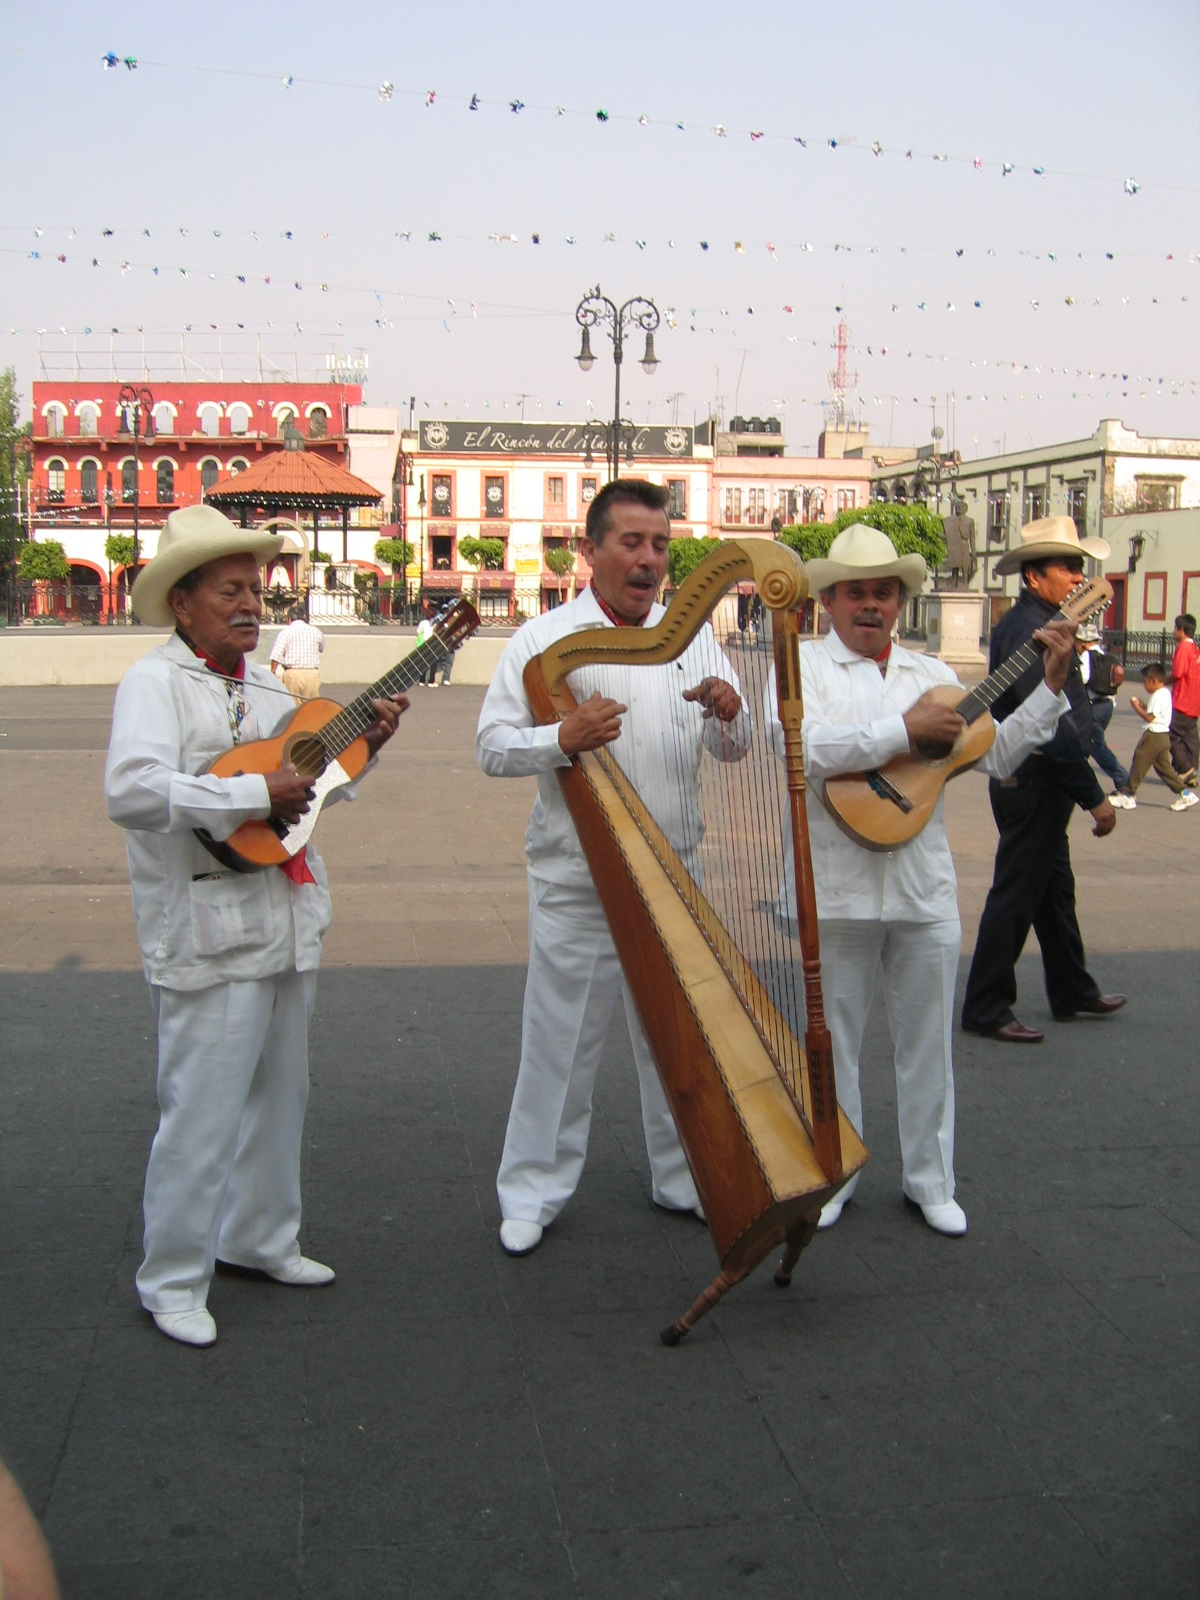 Les chanteurs de Mexico